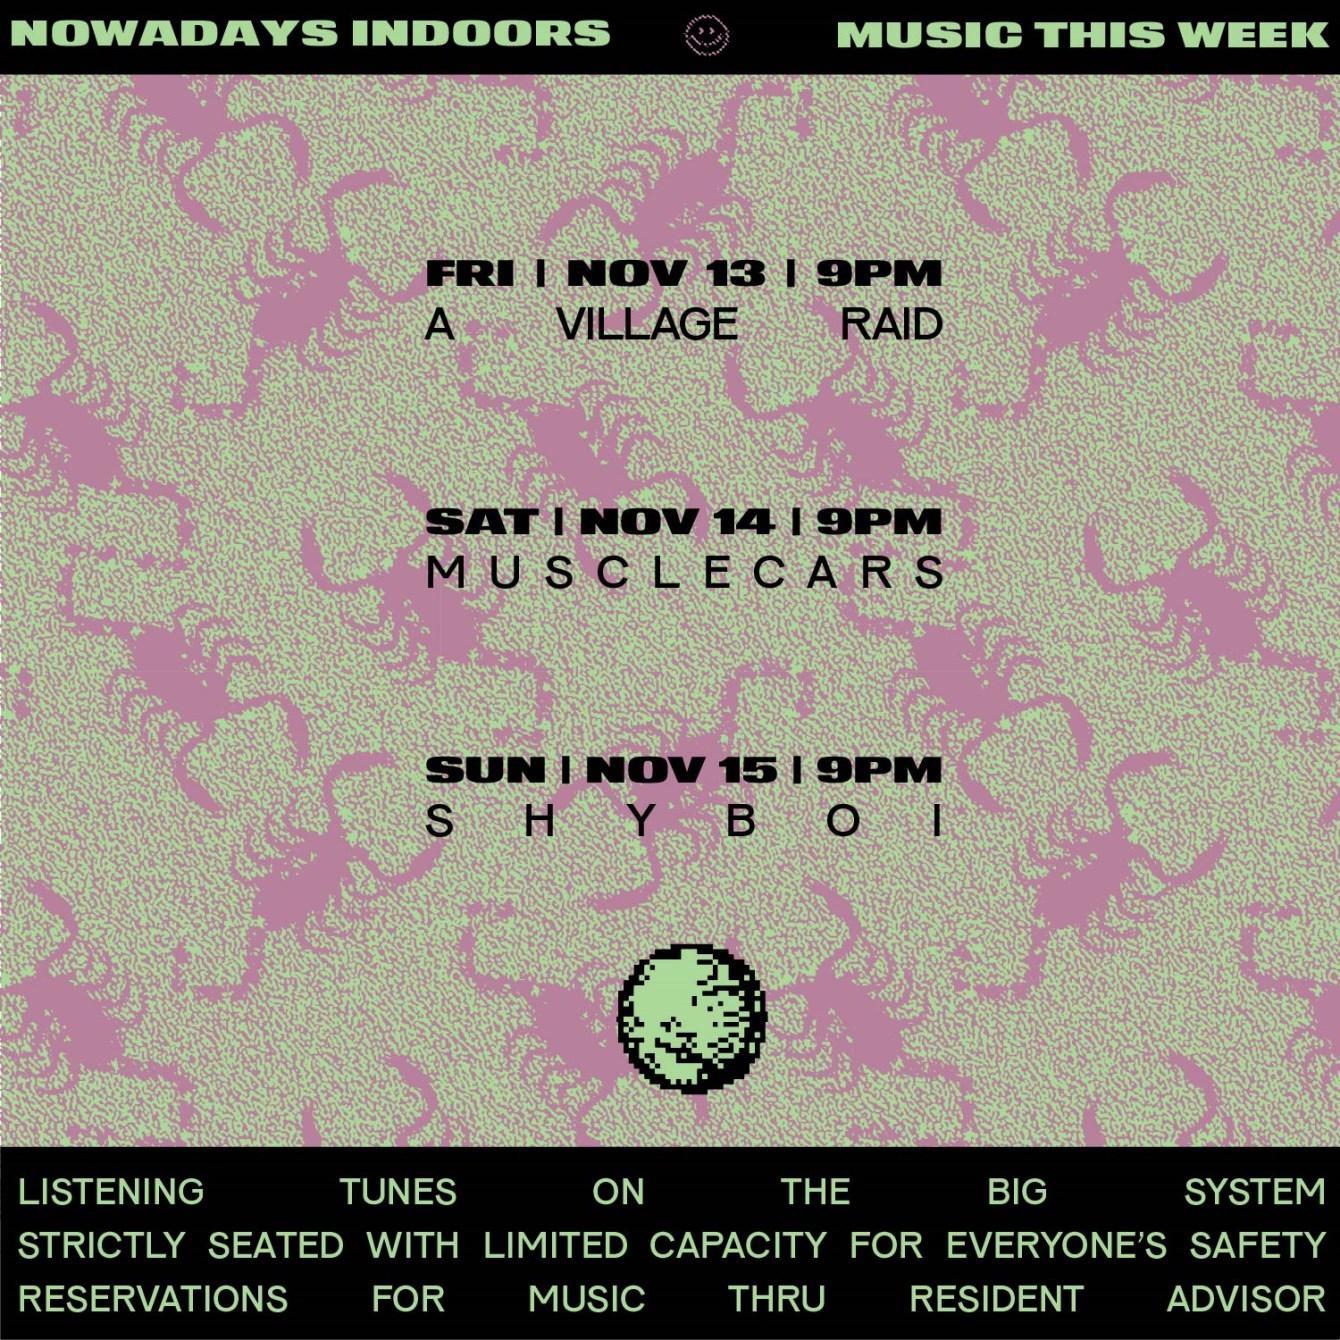 Seated Sunday: Shyboi - Flyer back